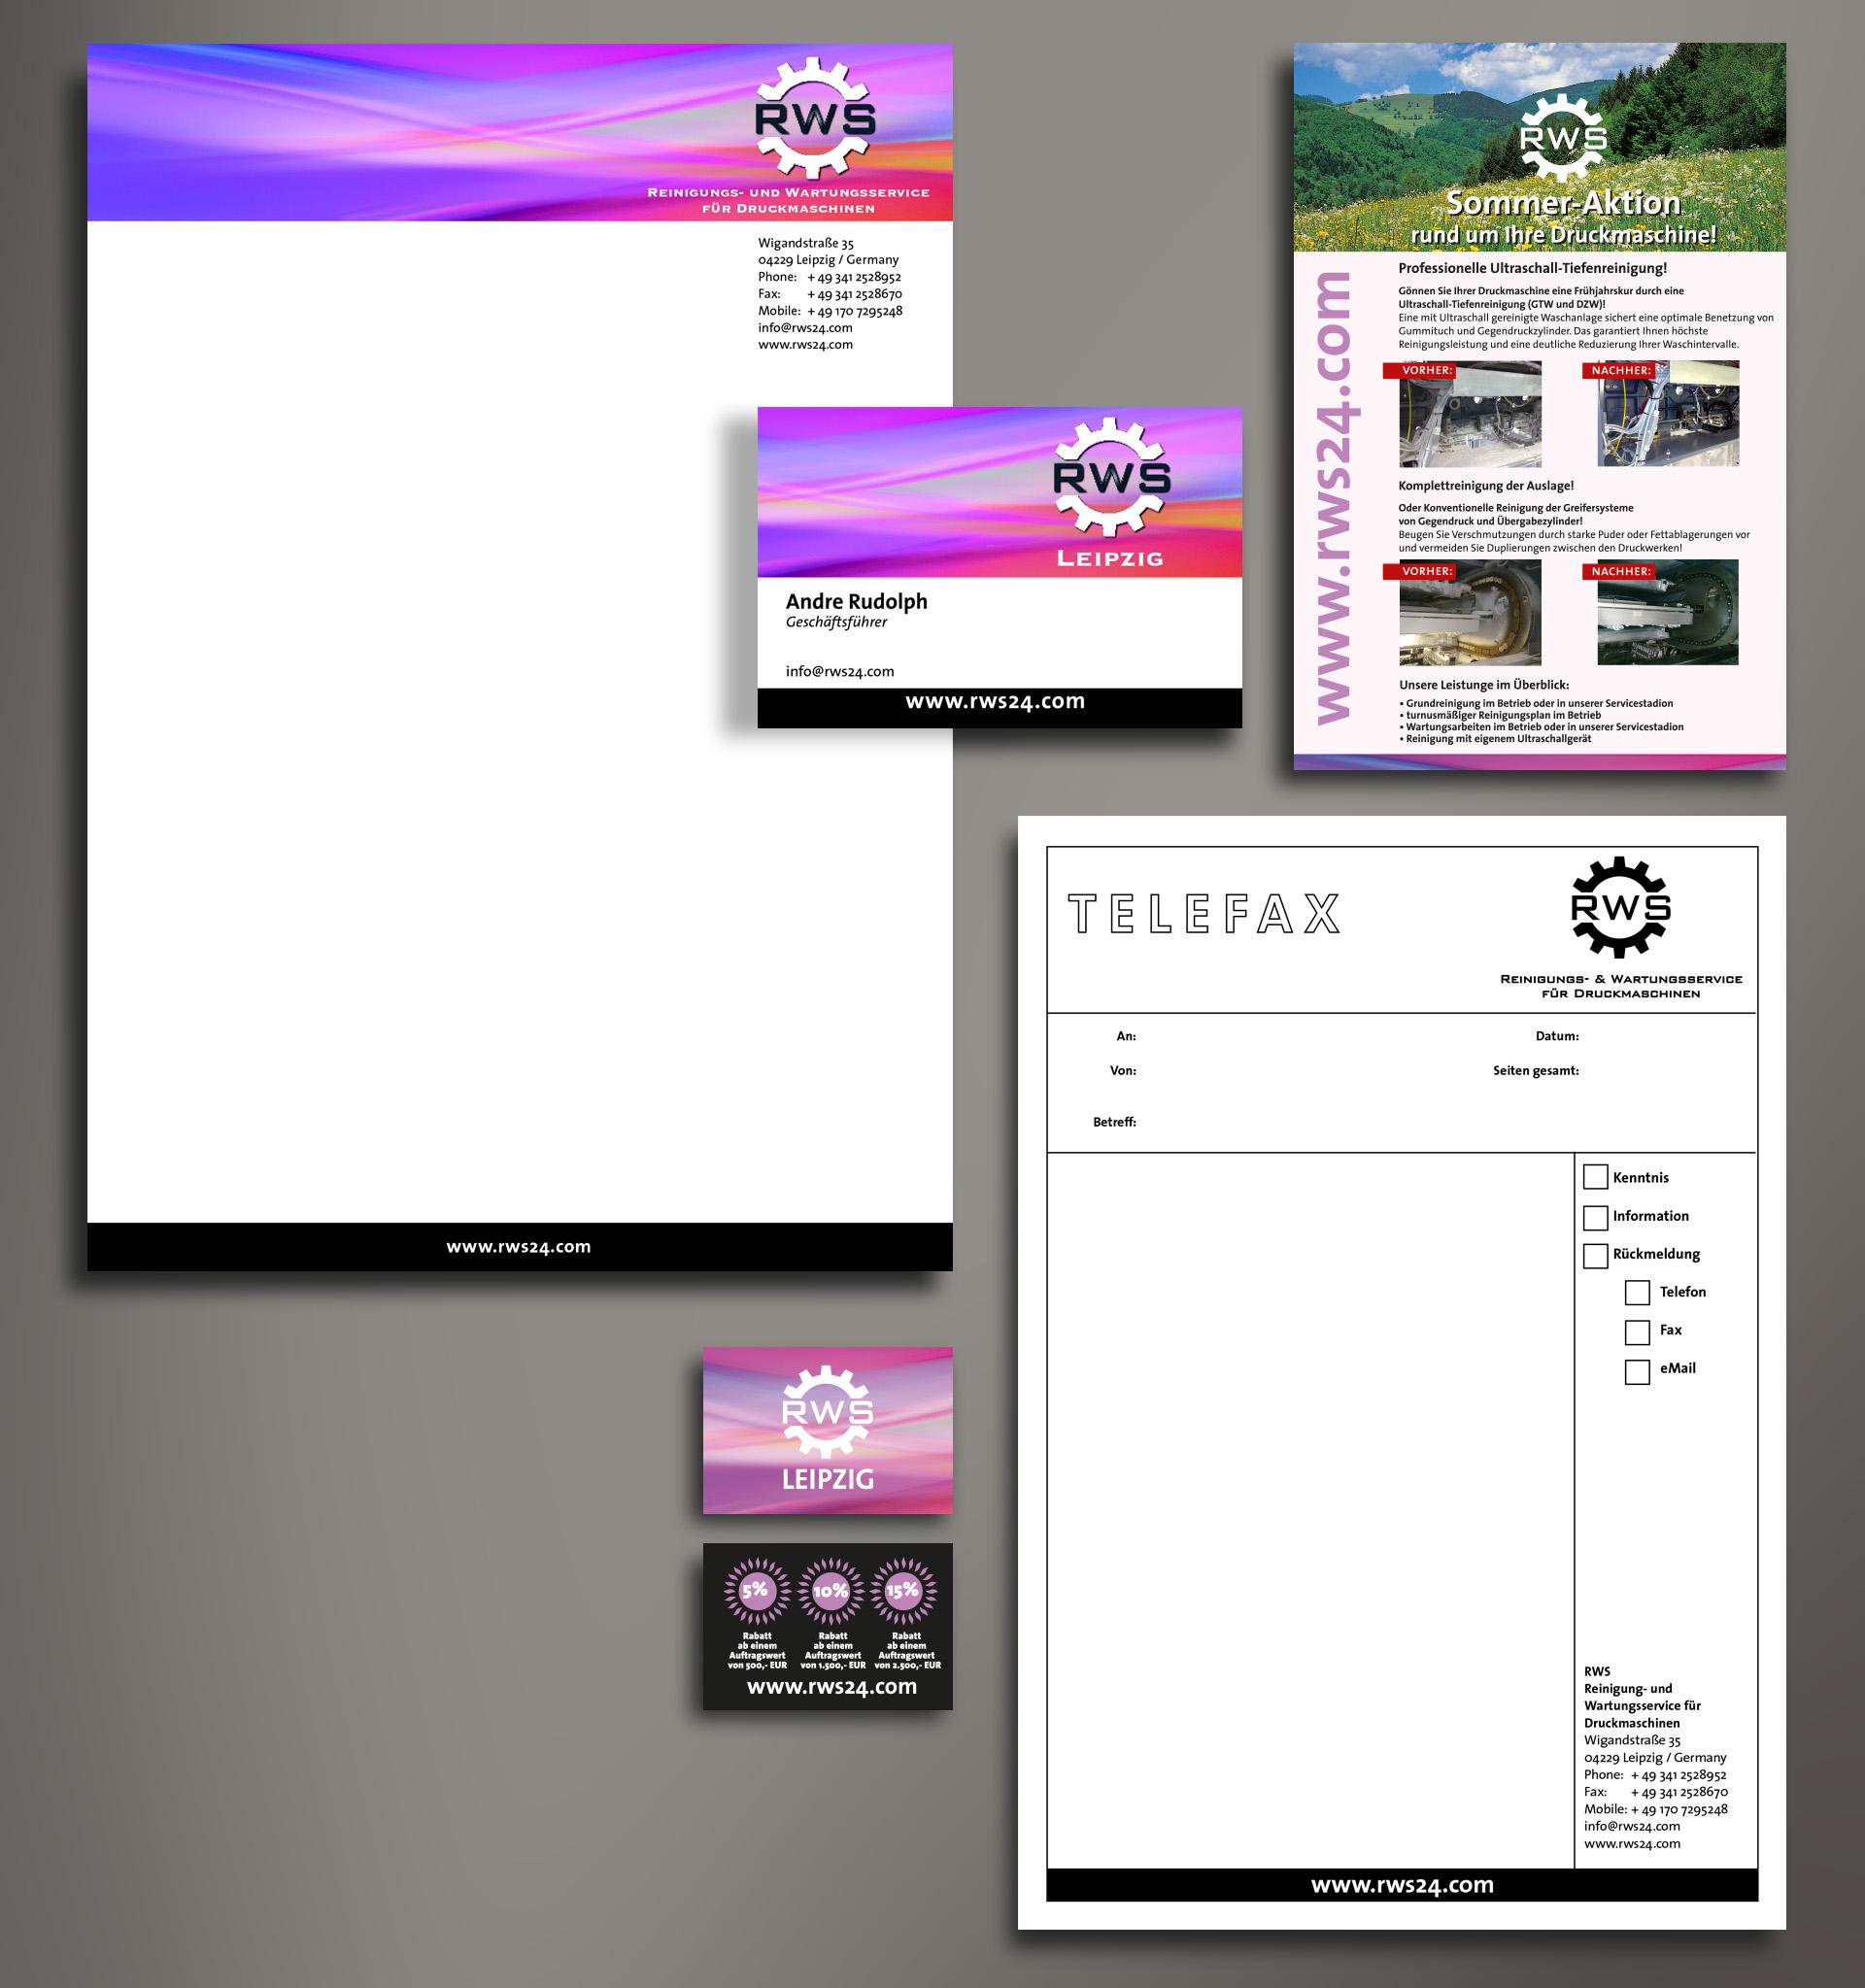 RWS Corporate Design